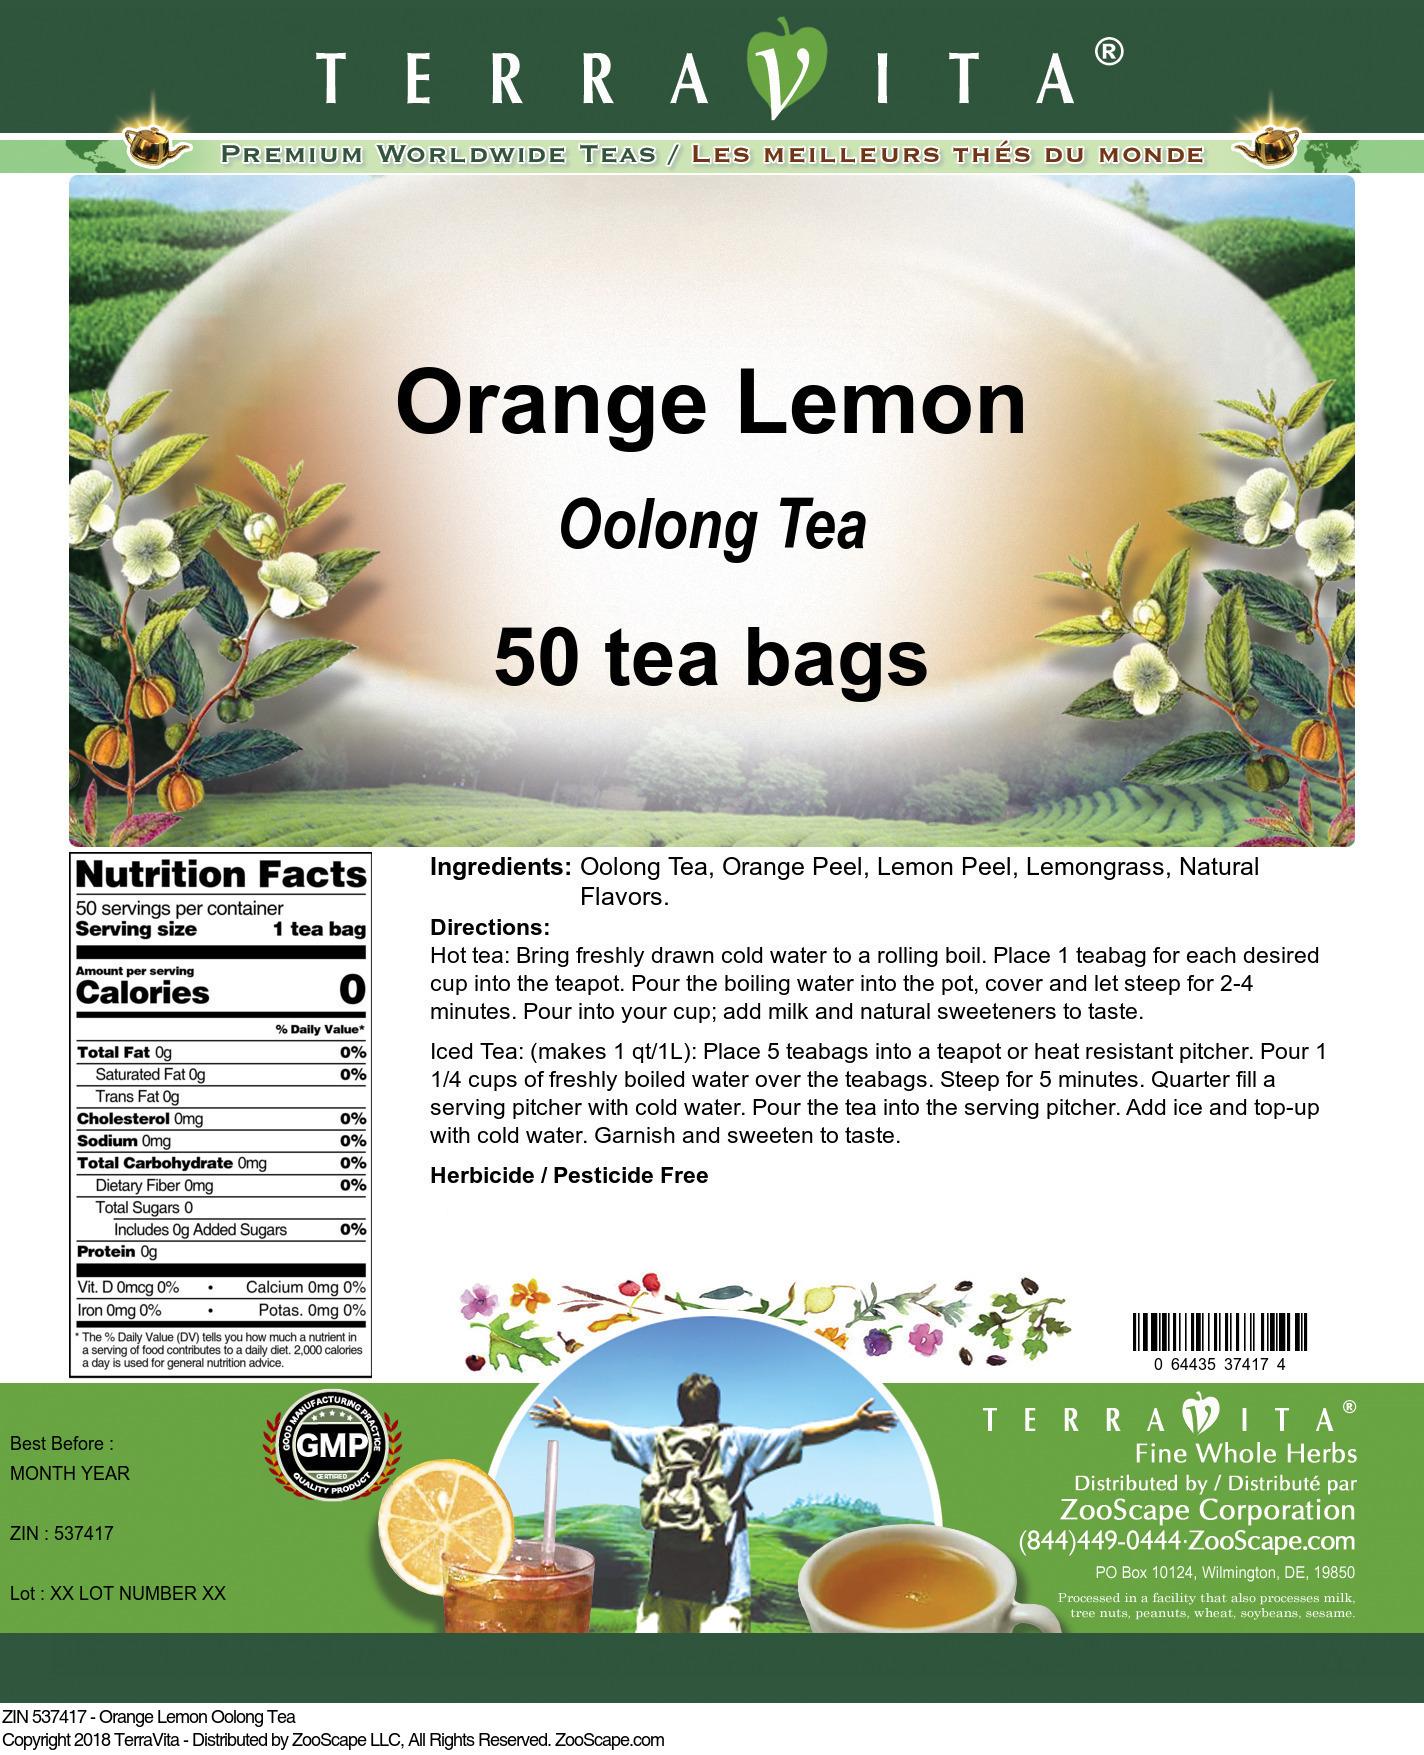 Orange Lemon Oolong Tea